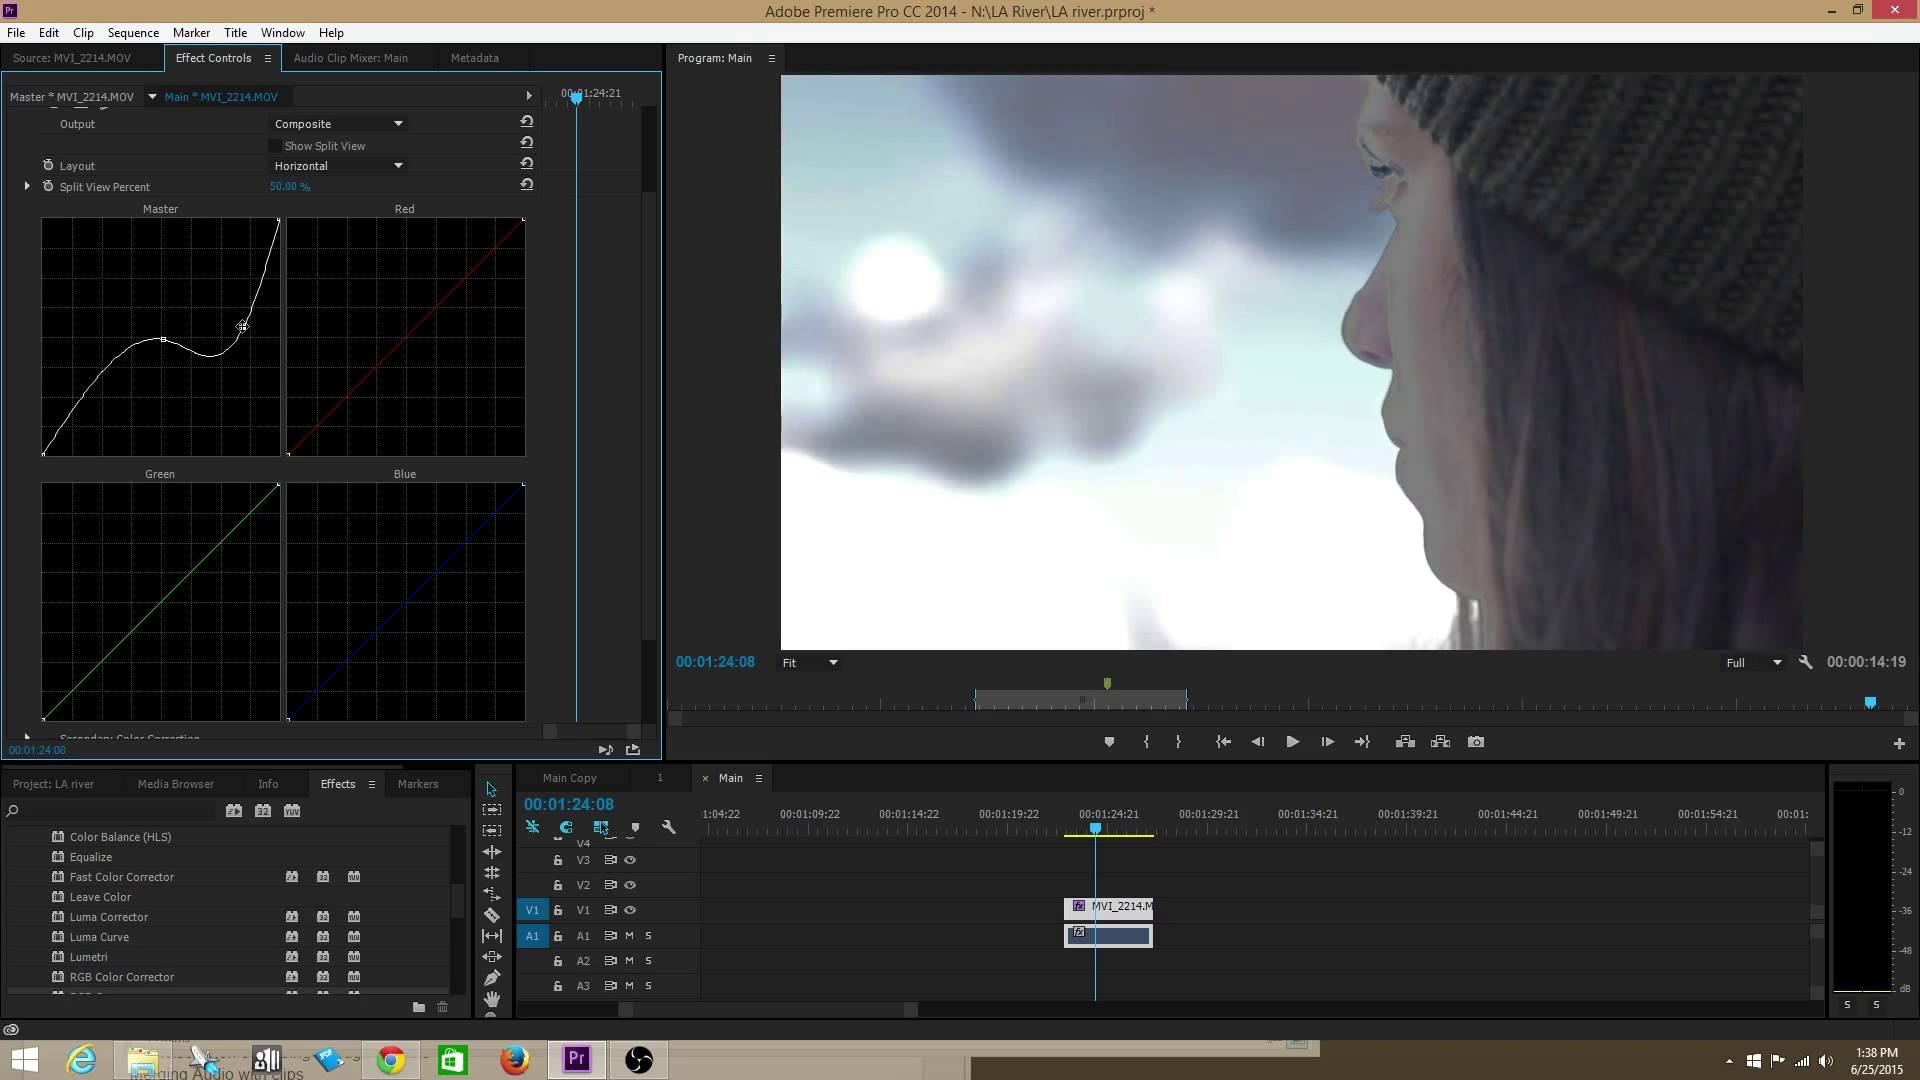 Adobe Premiere Pro CC 2014 Tutorial – Part 12 – Color